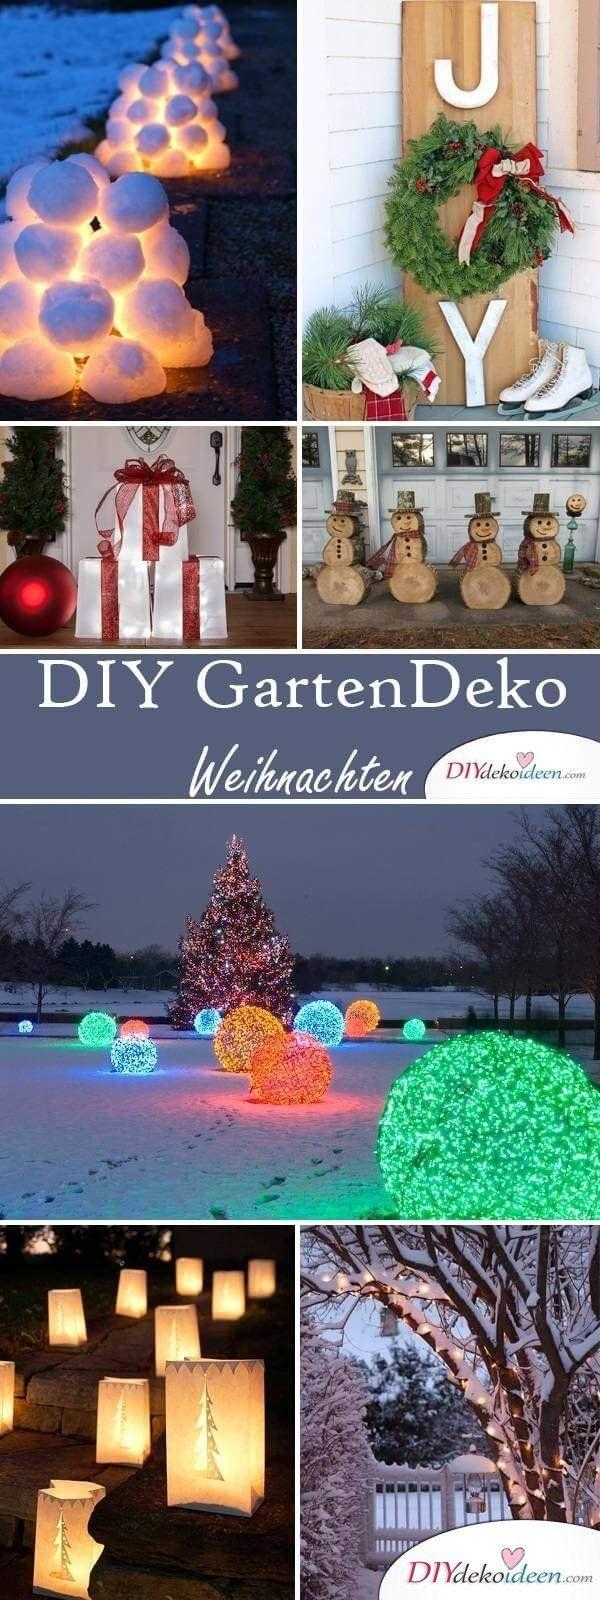 Diy Deko Ideen Zu Weihnachten Den Garten Gestalten Diygartendekoration Balkongarden Gartendekoration G In 2020 Diy Deko Ideen Weihnachten Weihnachten Dekoration